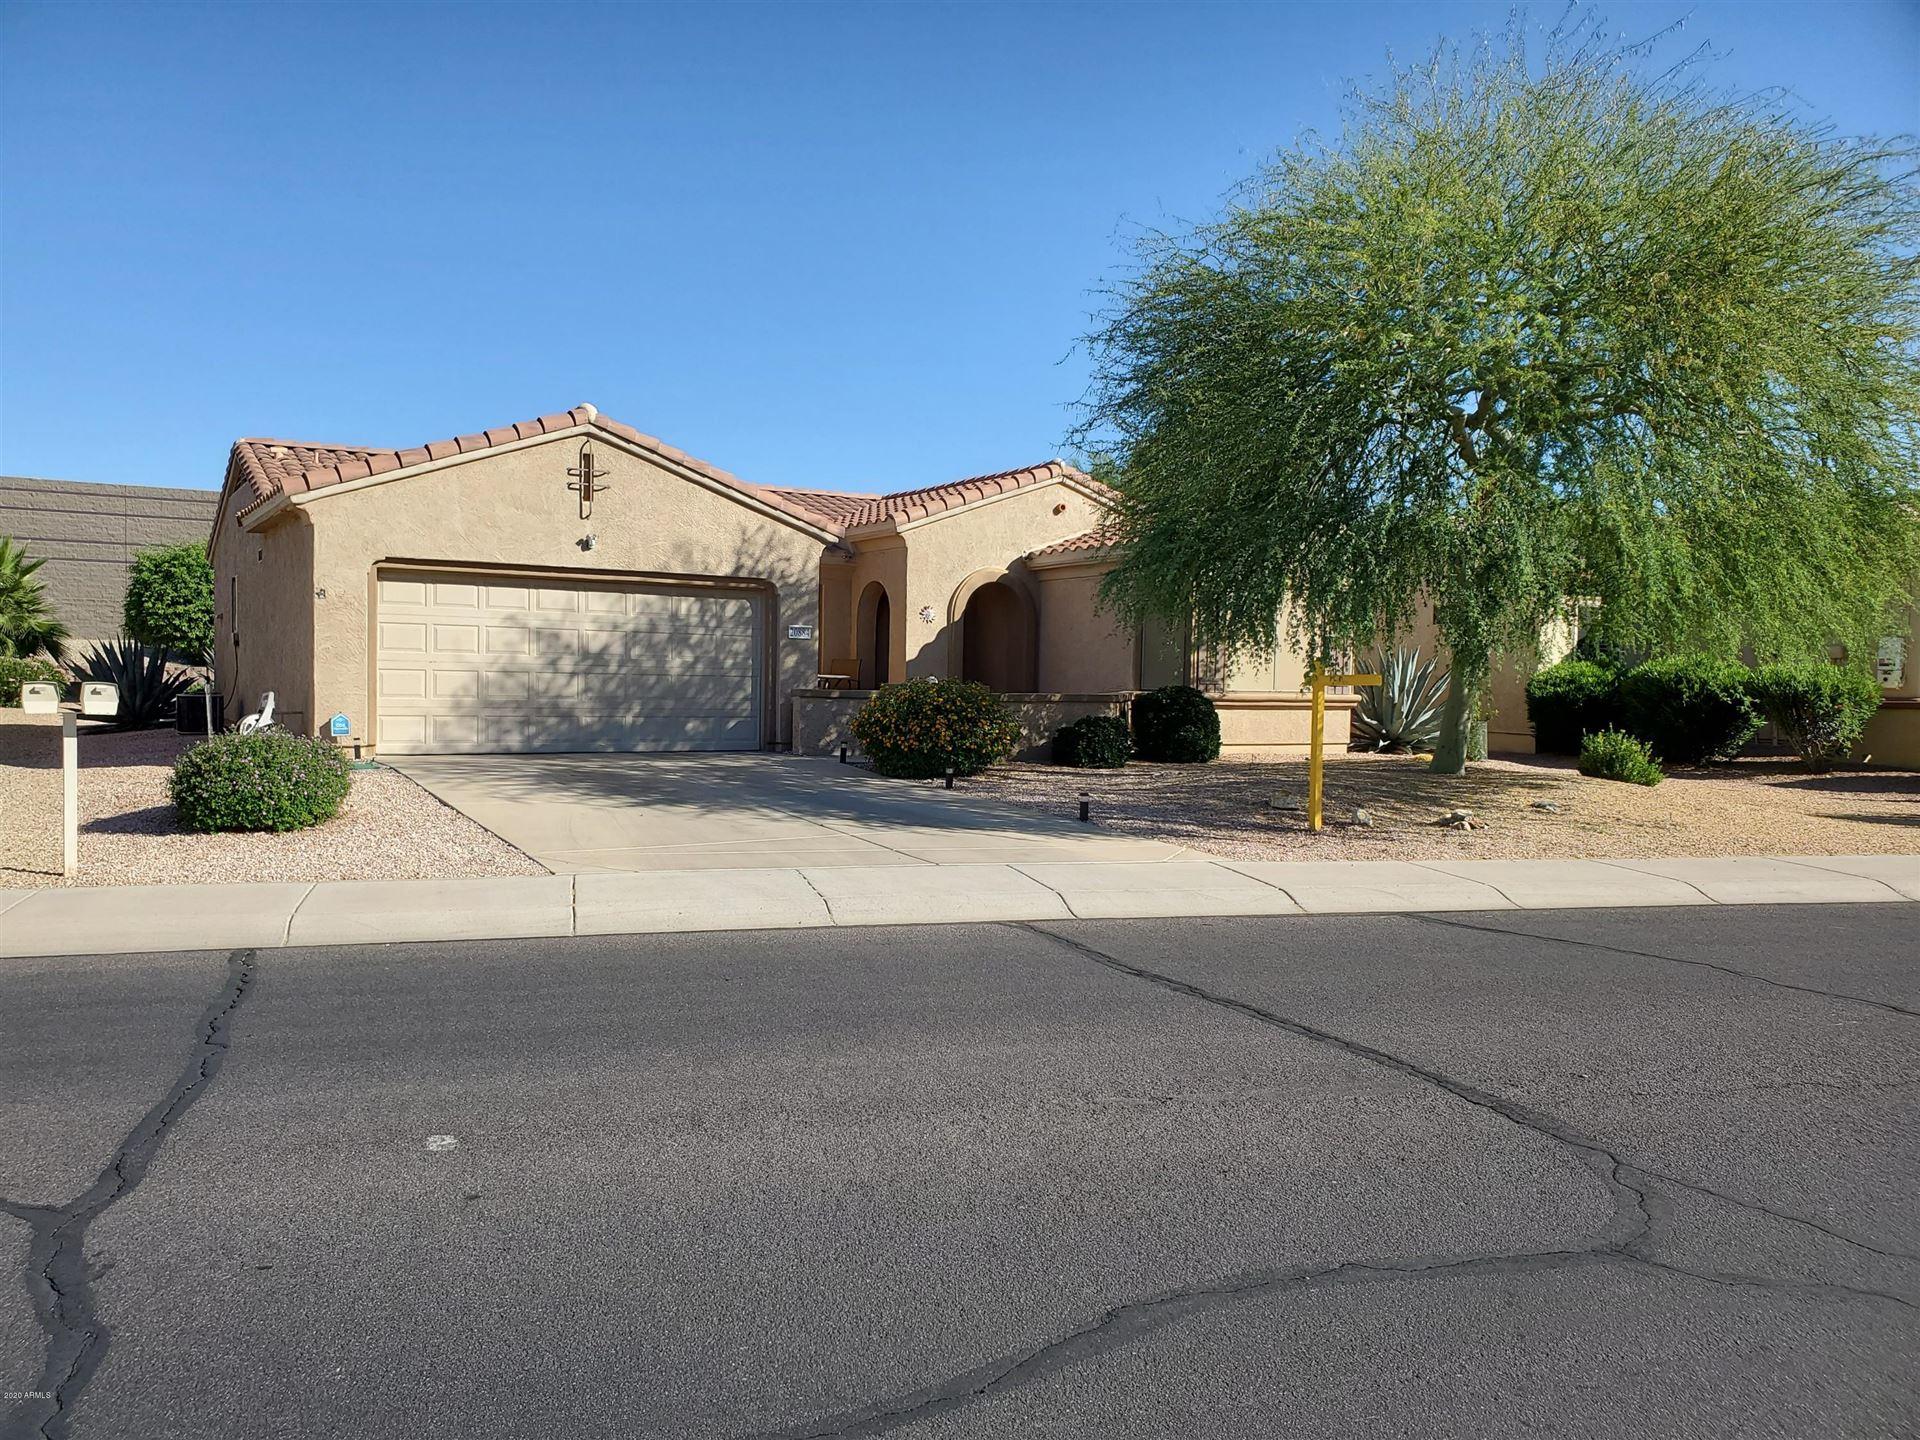 20884 N SHADOW MOUNTAIN Drive, Surprise, AZ 85374 - MLS#: 6080968